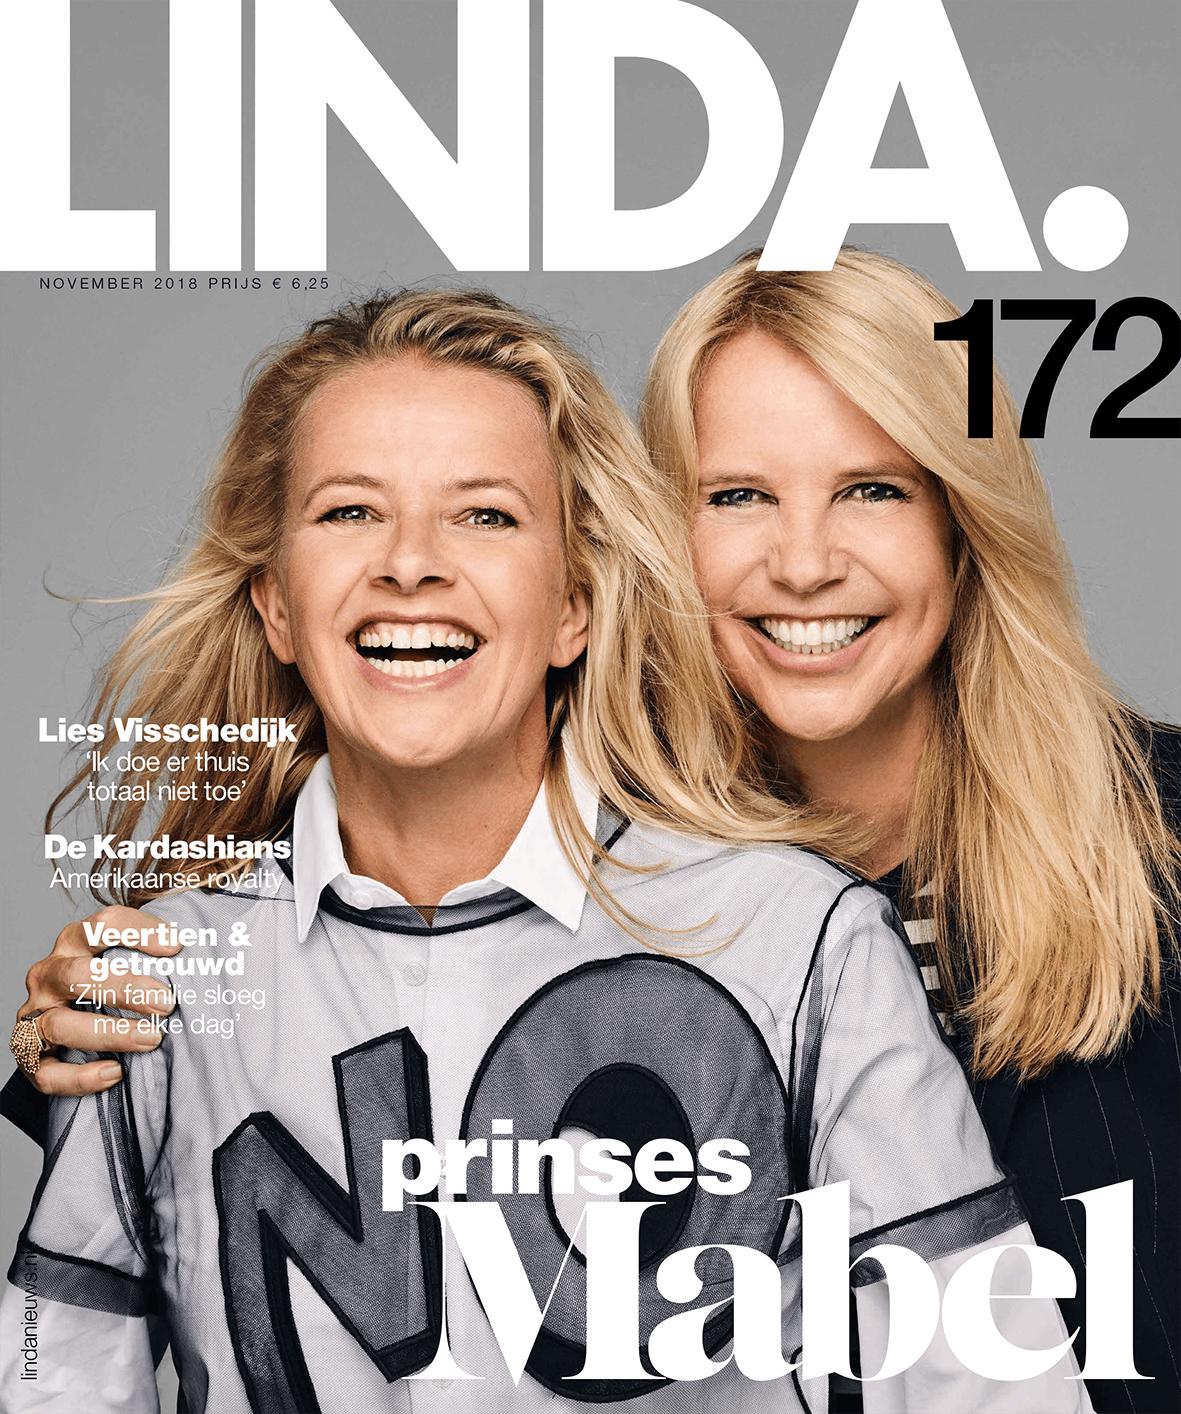 Strijd Tegen Kindhuwelijken In Linda Magazine Plan